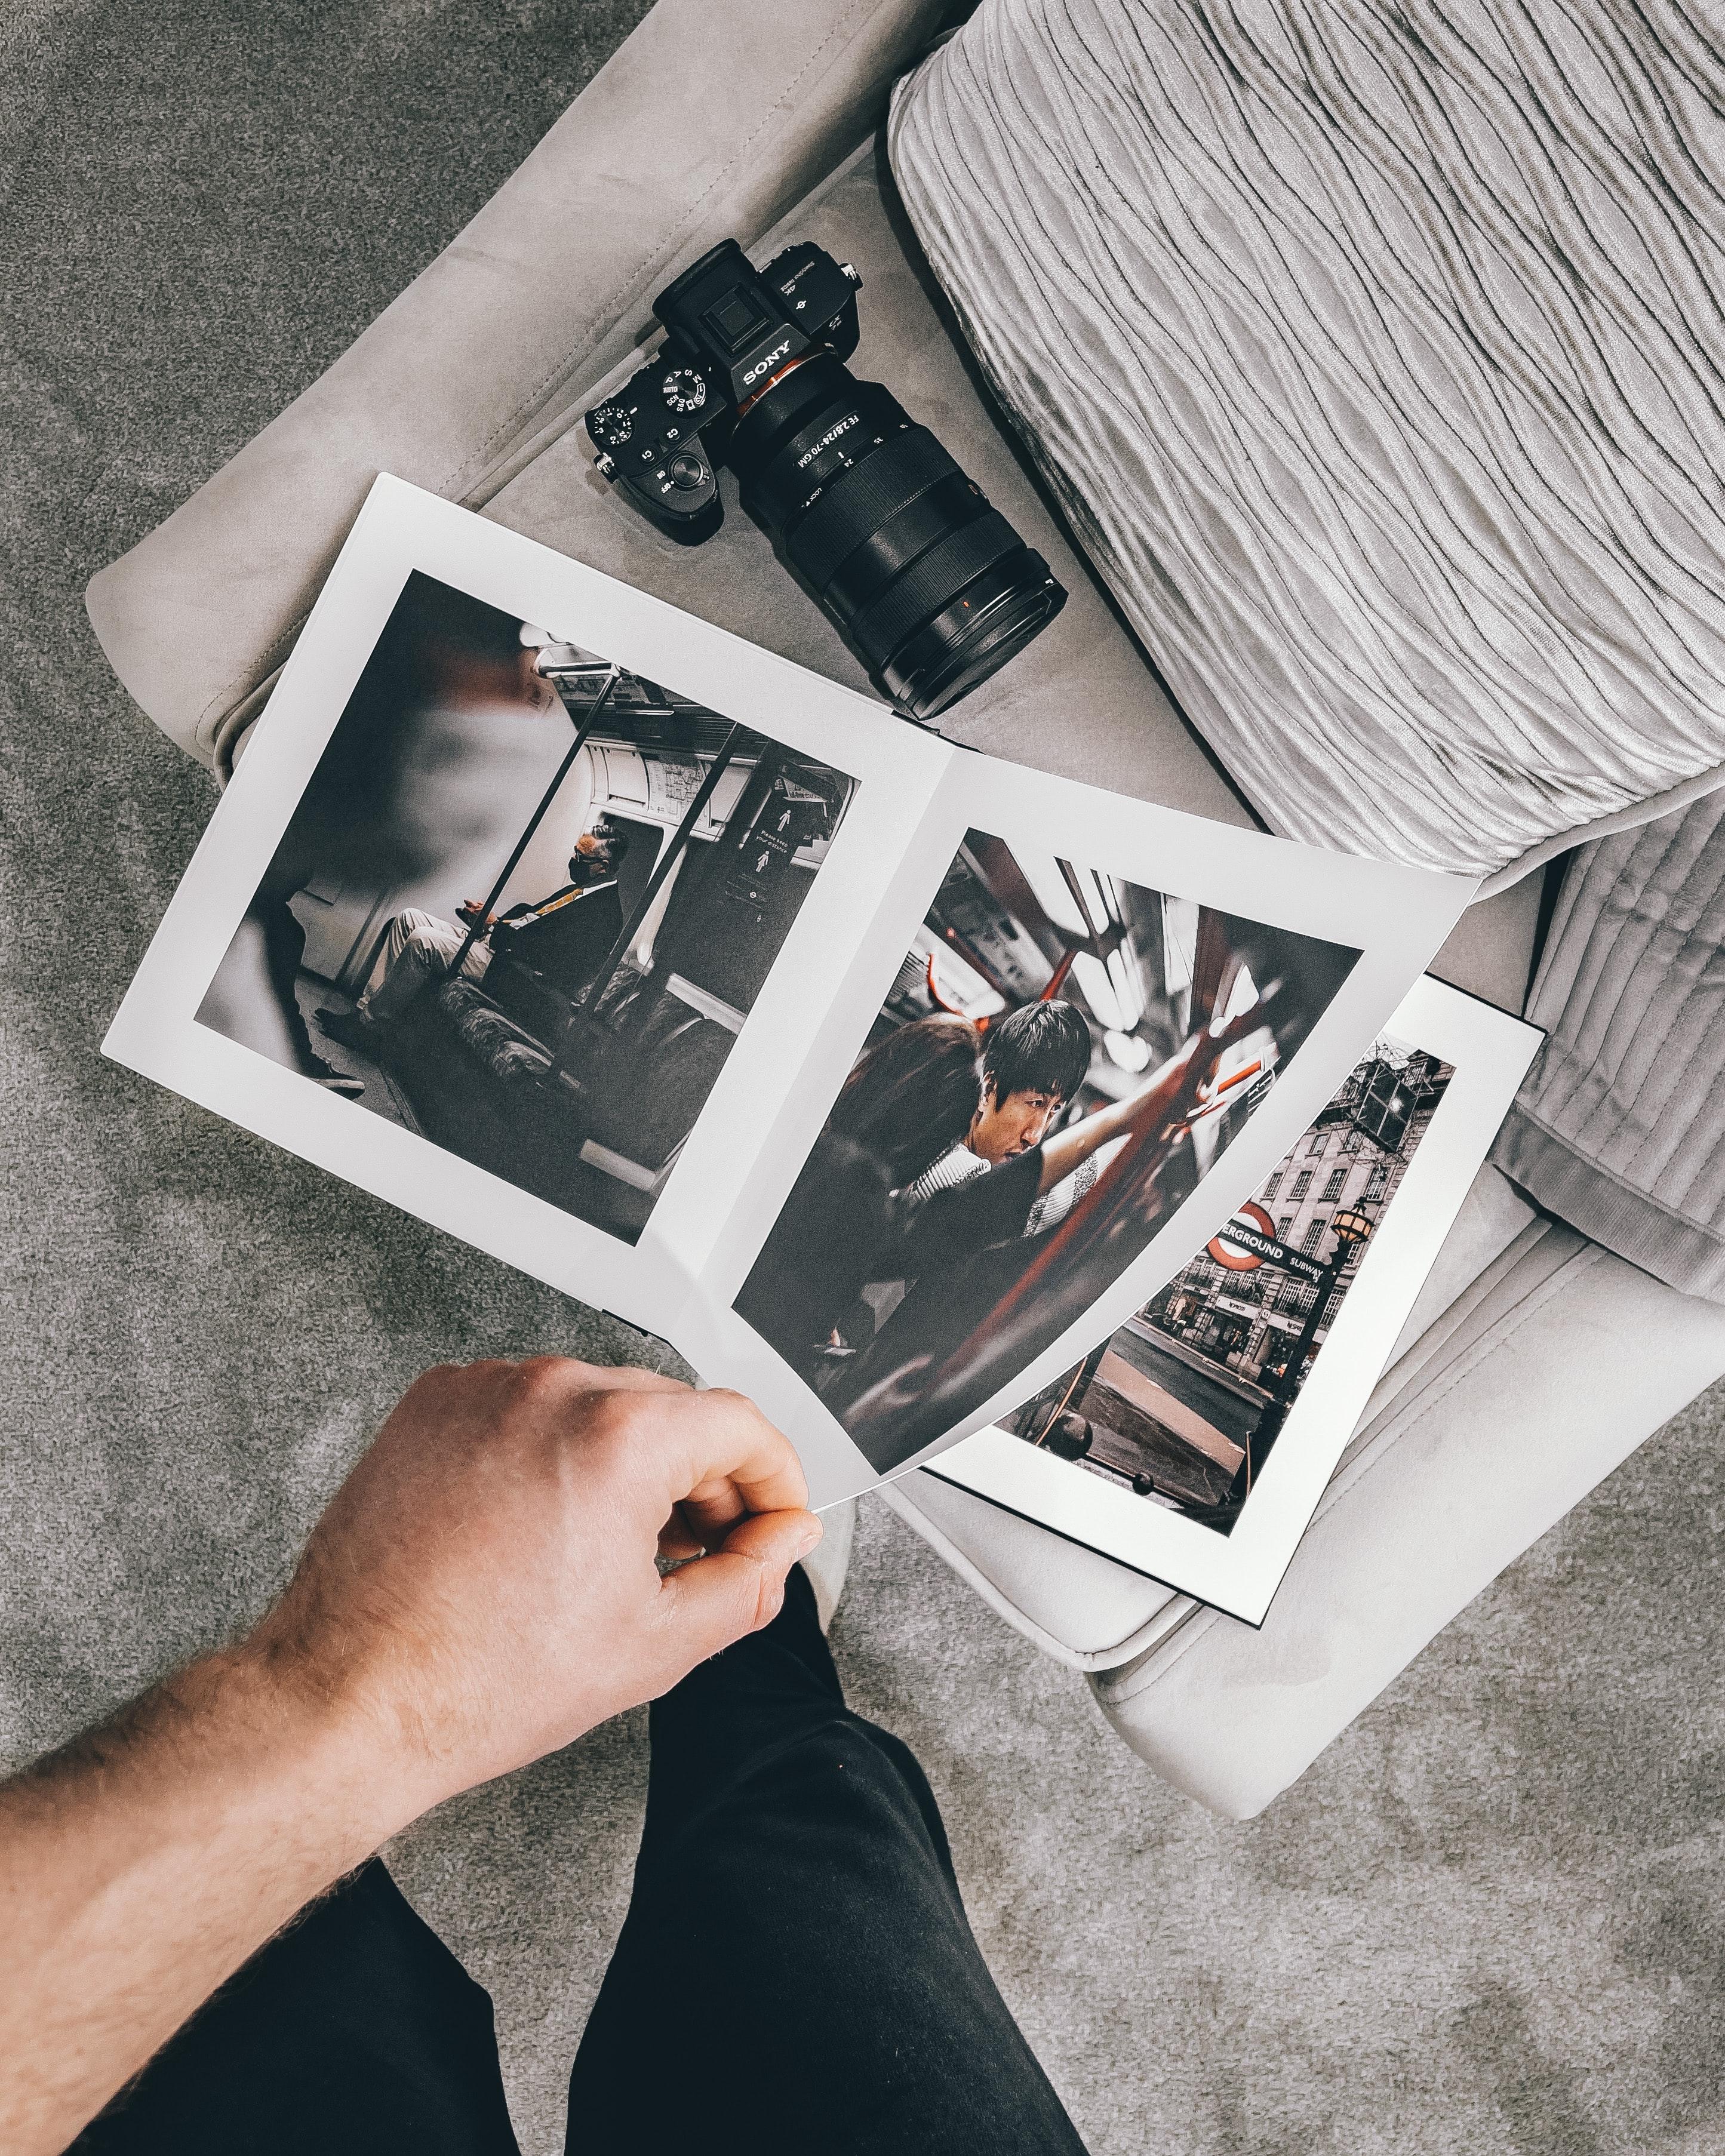 geschenk wählen zum anlass personalisiertes geschenk eltern beschenken fotobuch alte fotos sammeln mediadig